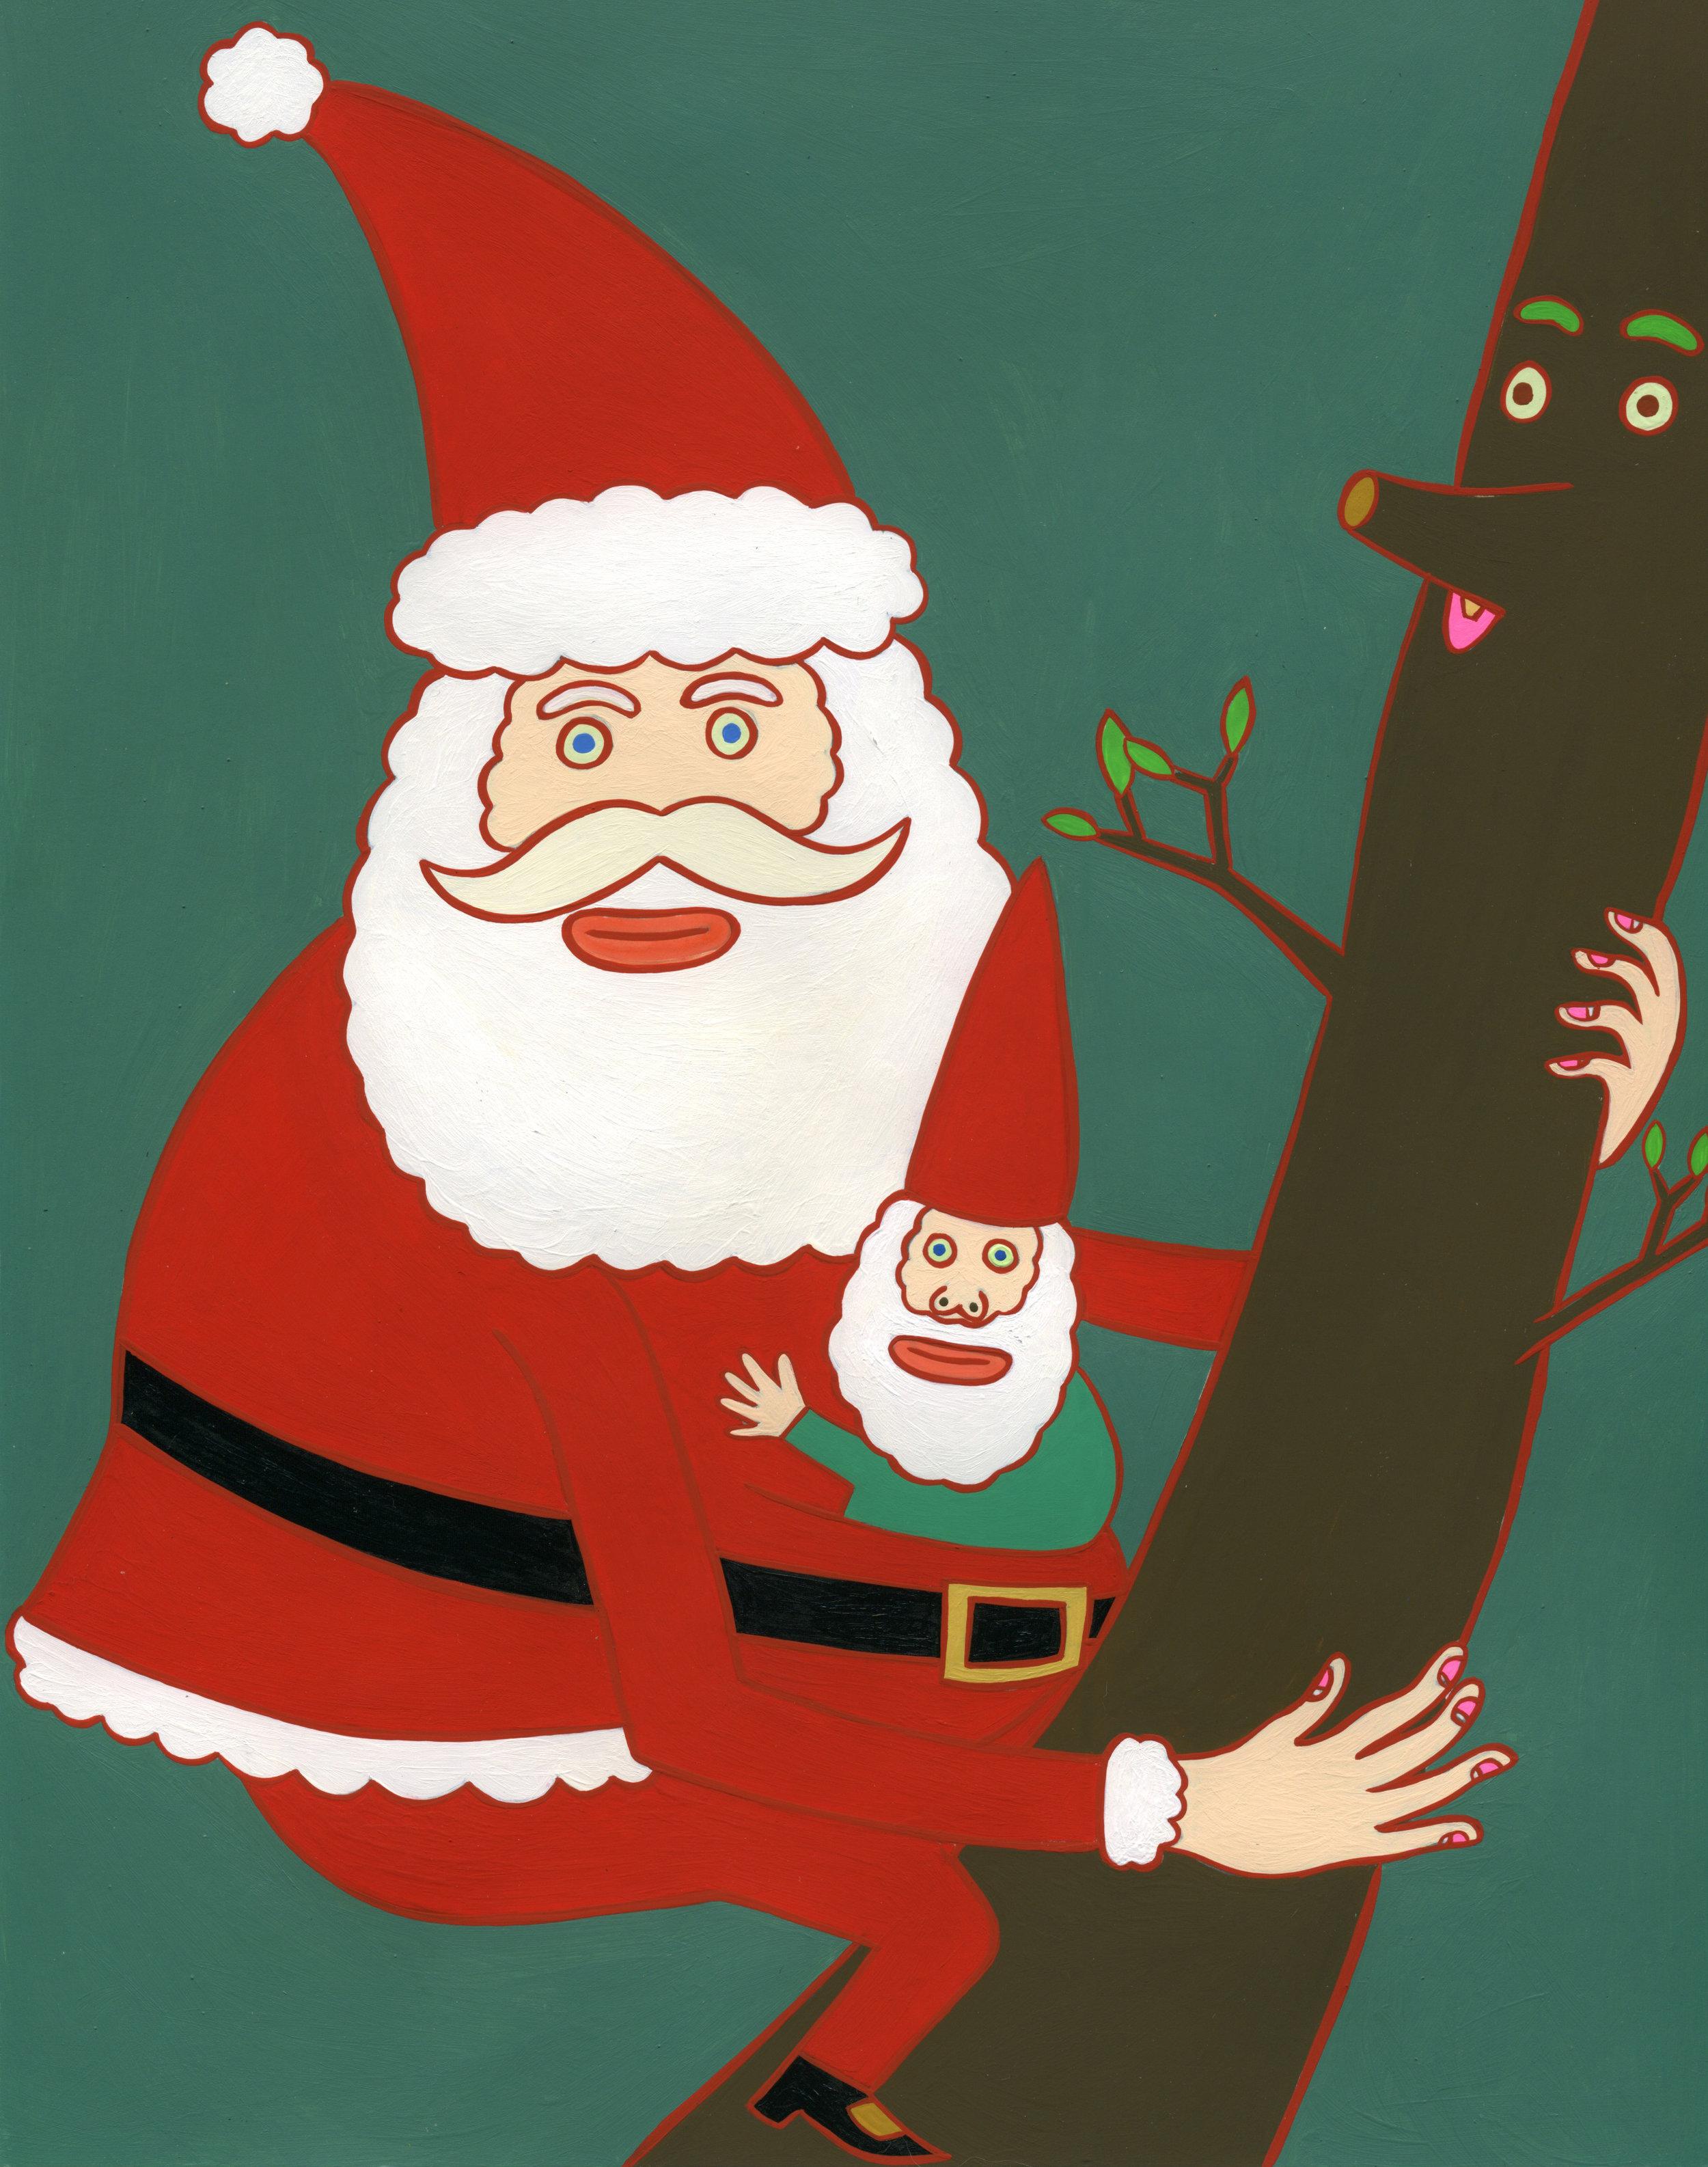 Marsupial Christmas